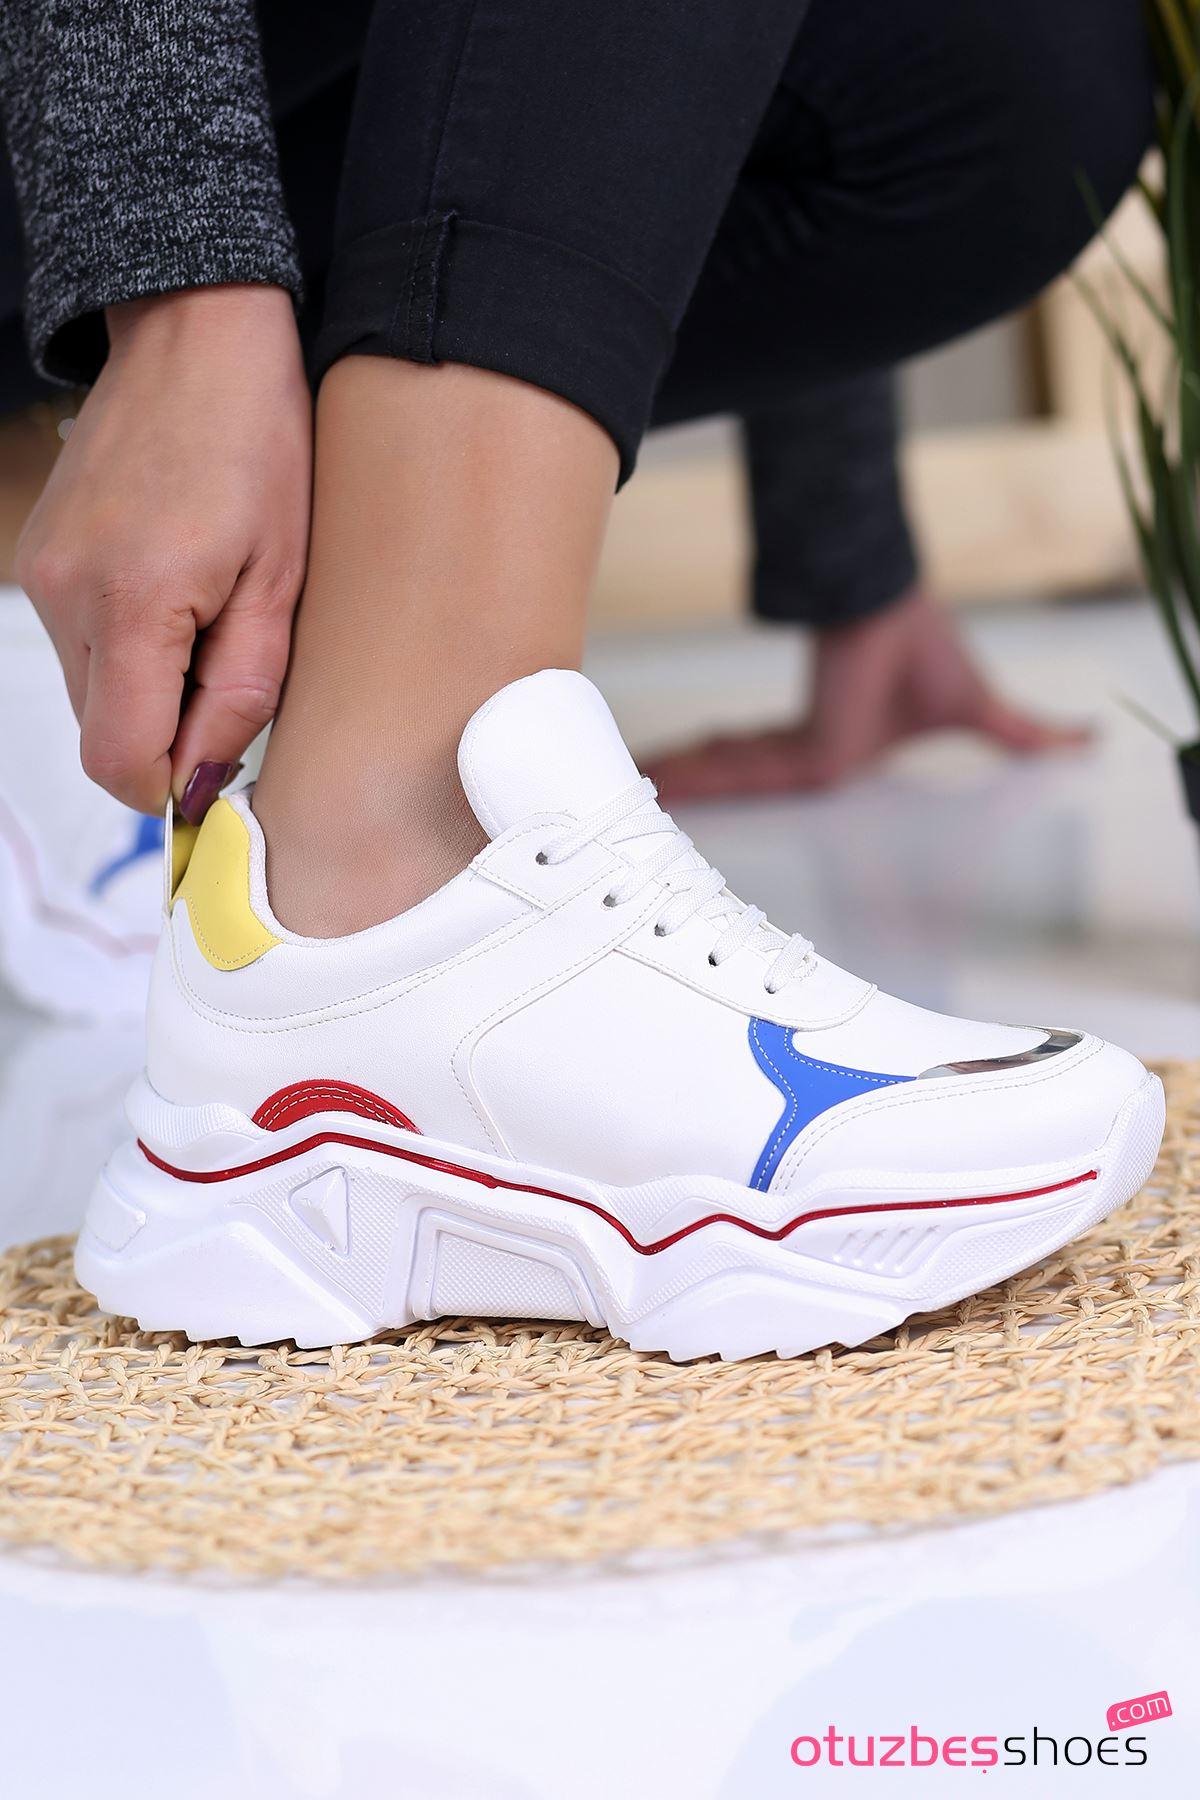 Ayça Mat Deri Renkli Detay Bağcıklı Spor Ayakkabı Beyaz